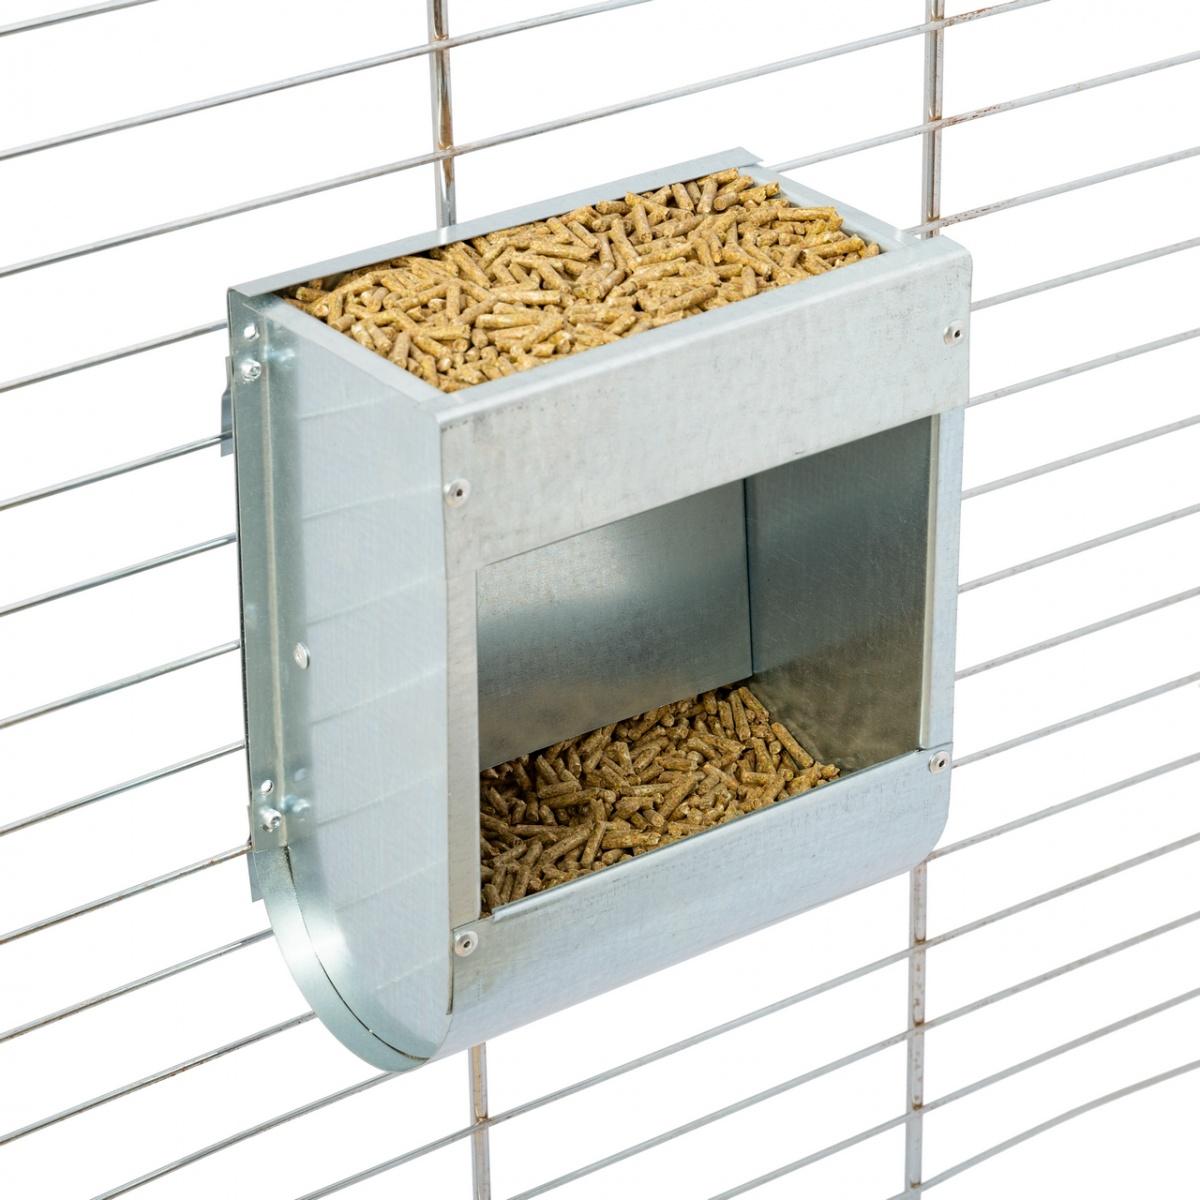 Hrănitoare metalică pentru iepuri, 18cm